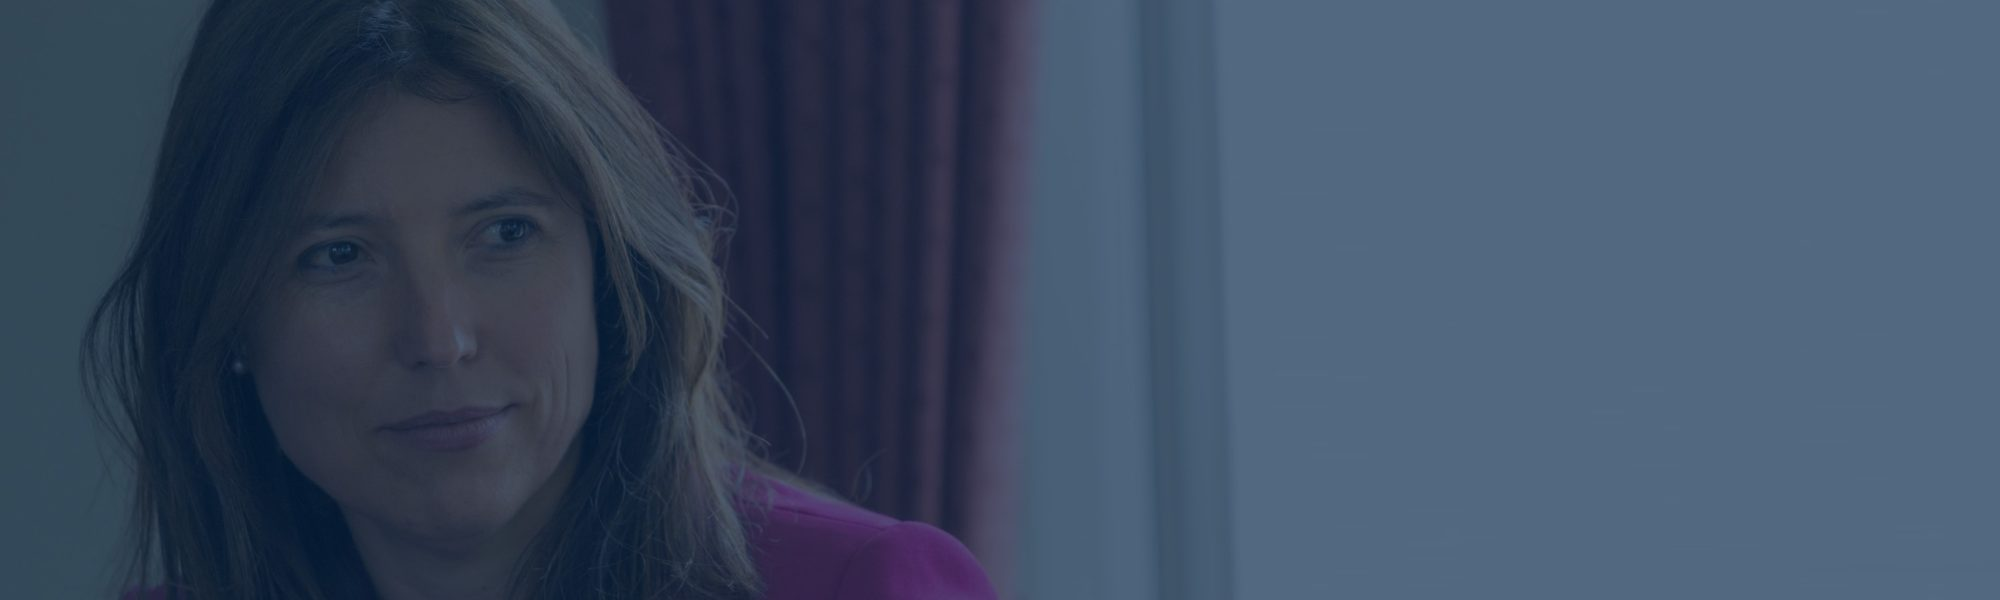 Caroline background2